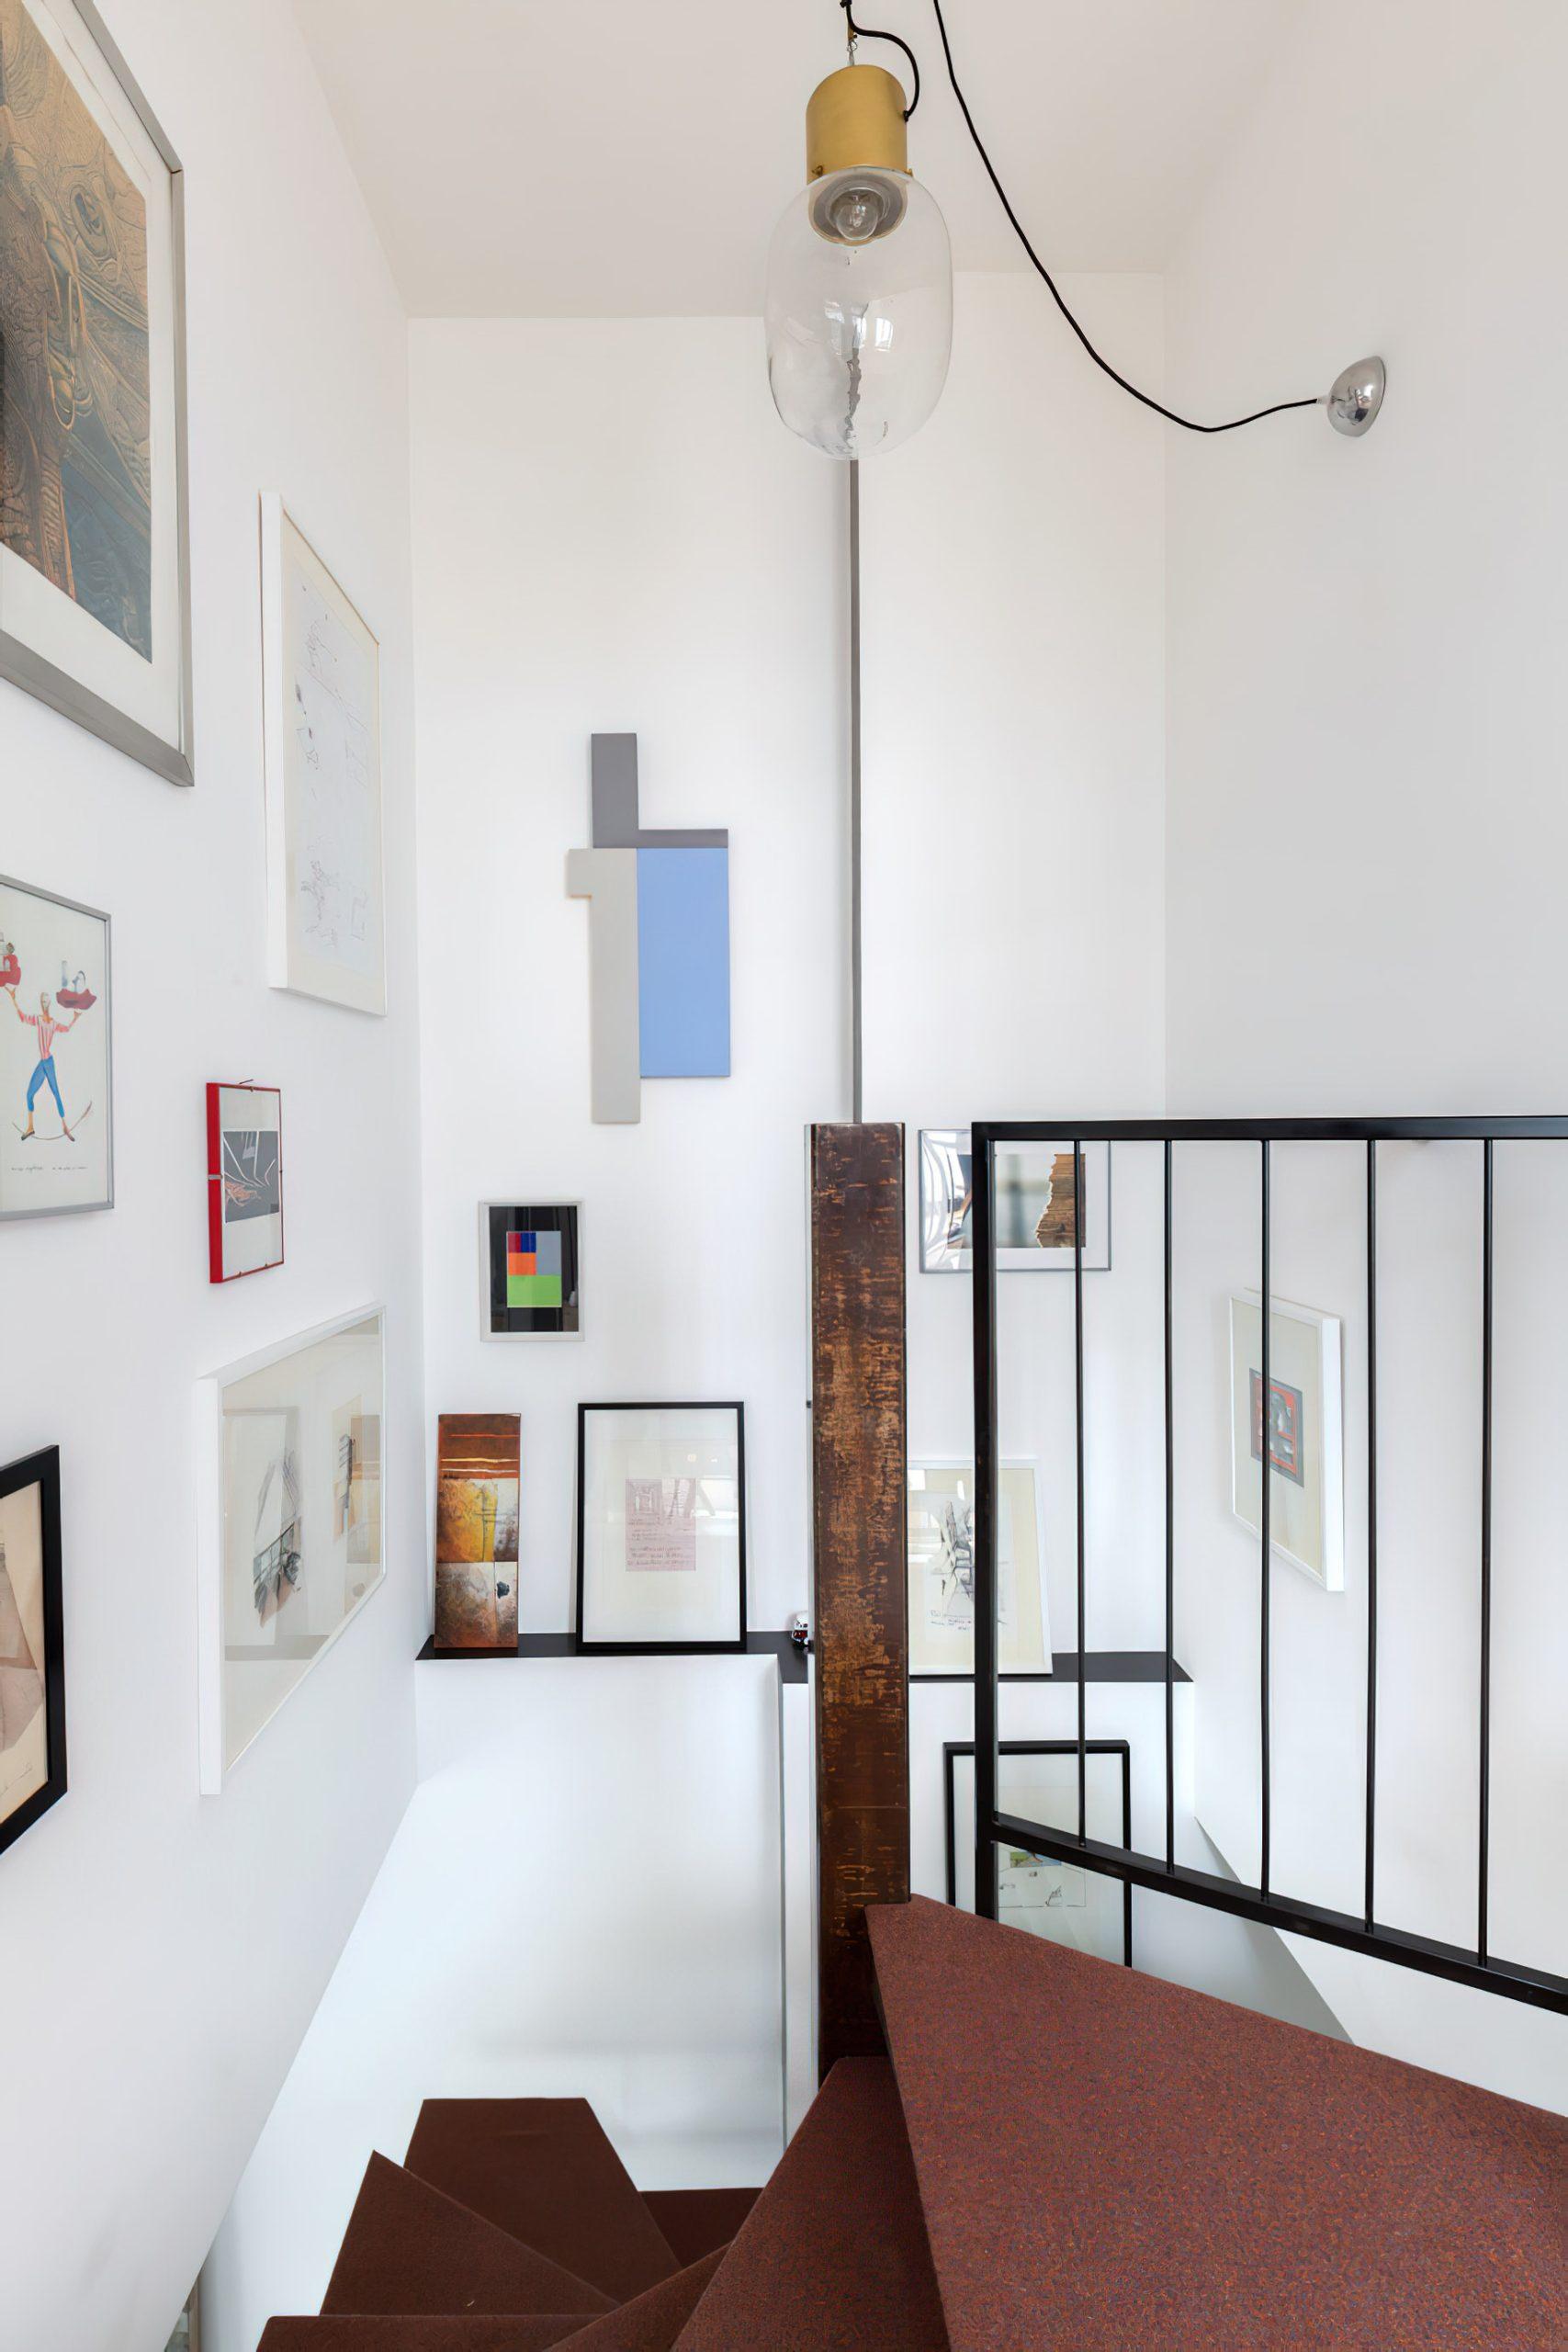 Casa Cialdini Eclectic Interior Design Milan, Italy – Stefania Micotti